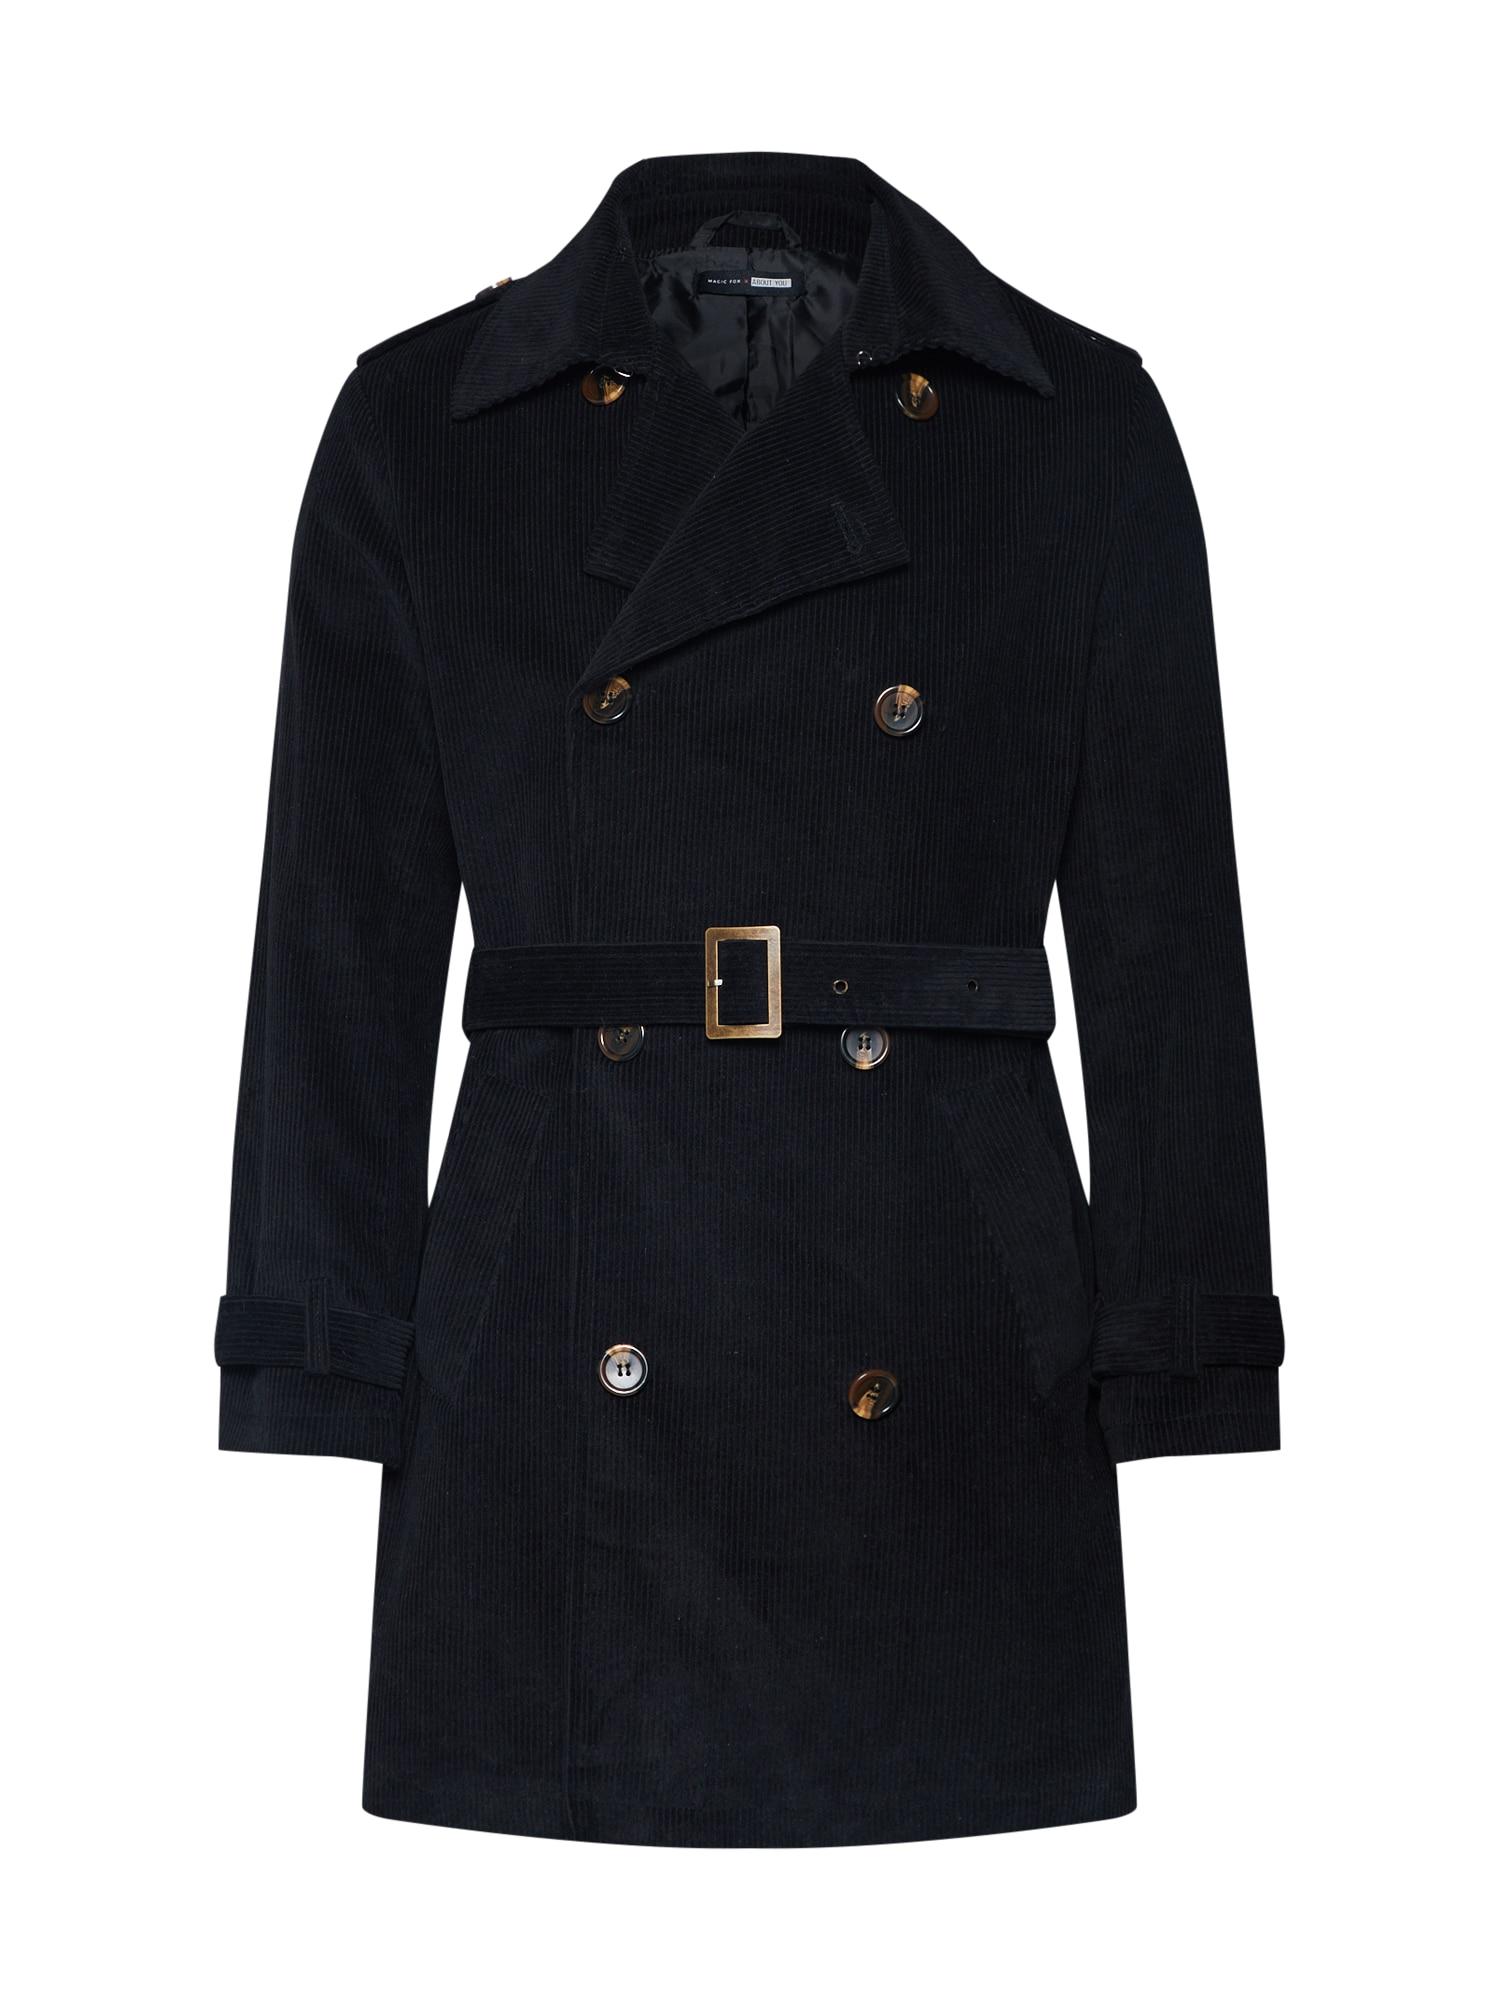 ABOUT YOU x Magic Fox Rudeninis-žieminis paltas 'Colin' juoda